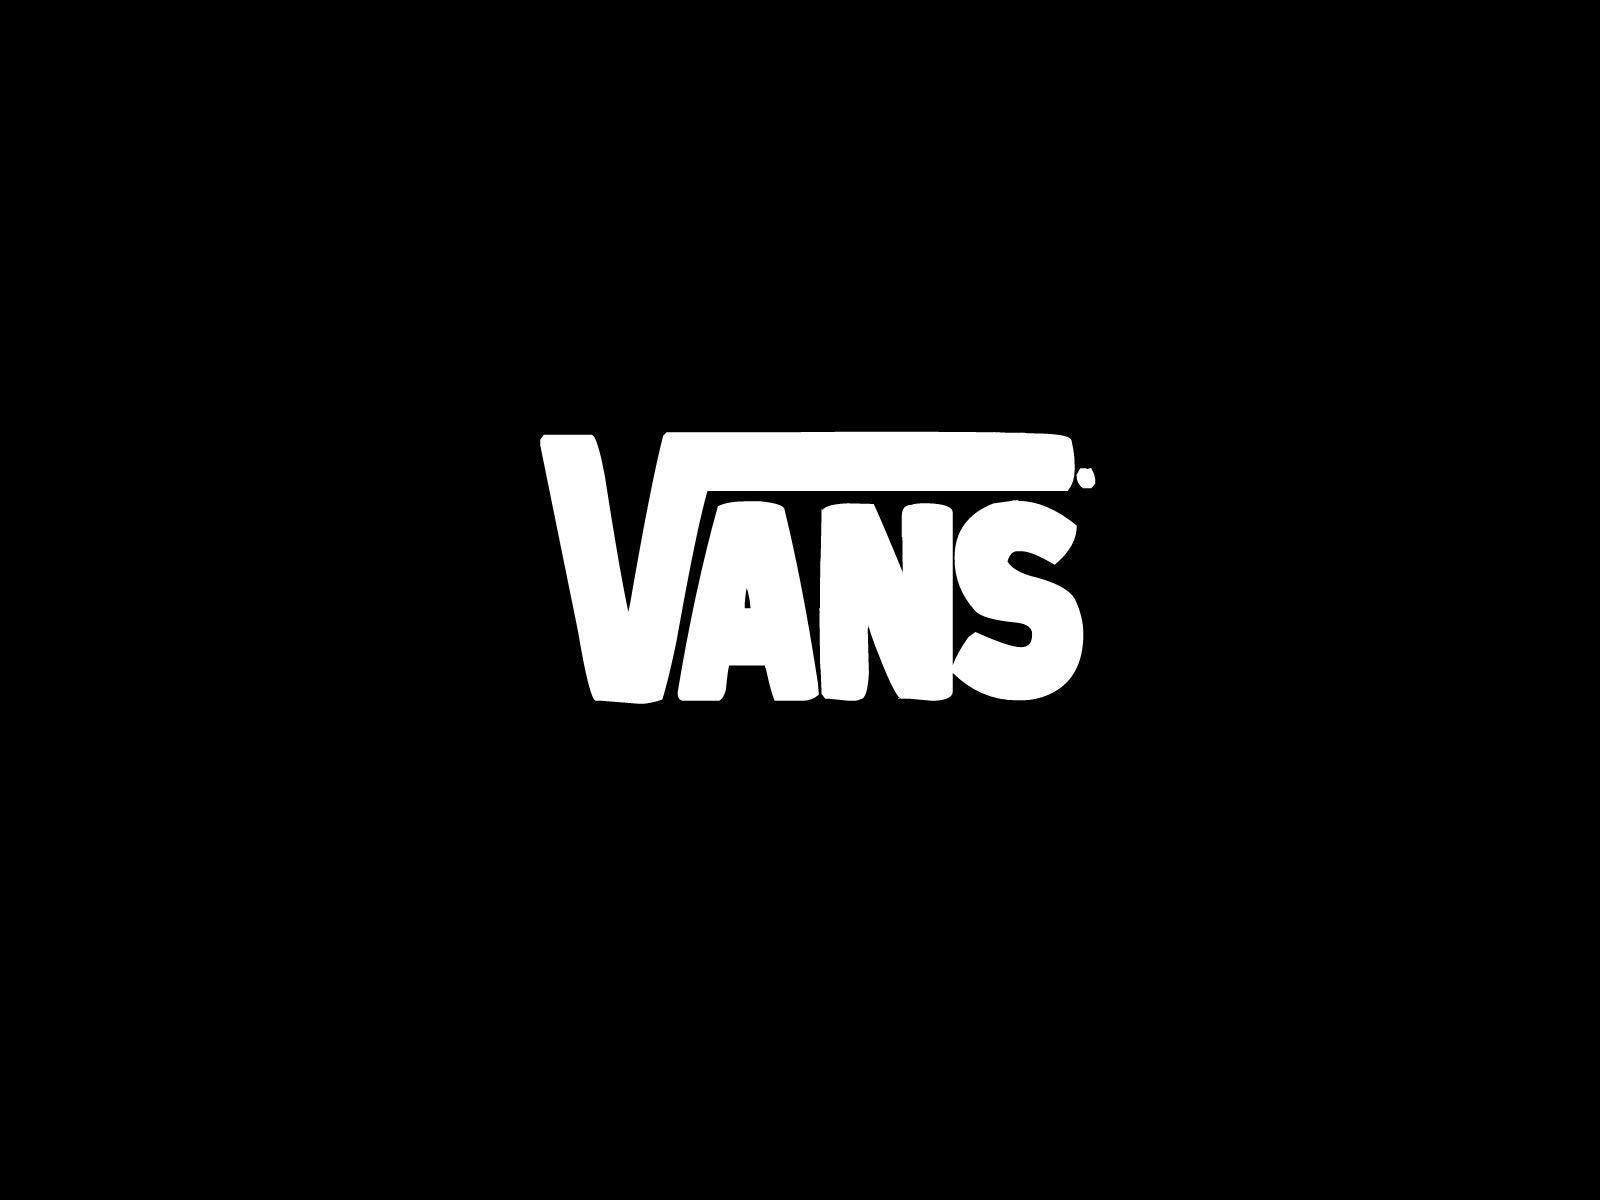 Vans Logo Iphone Wallpapers Wallpaper Cave